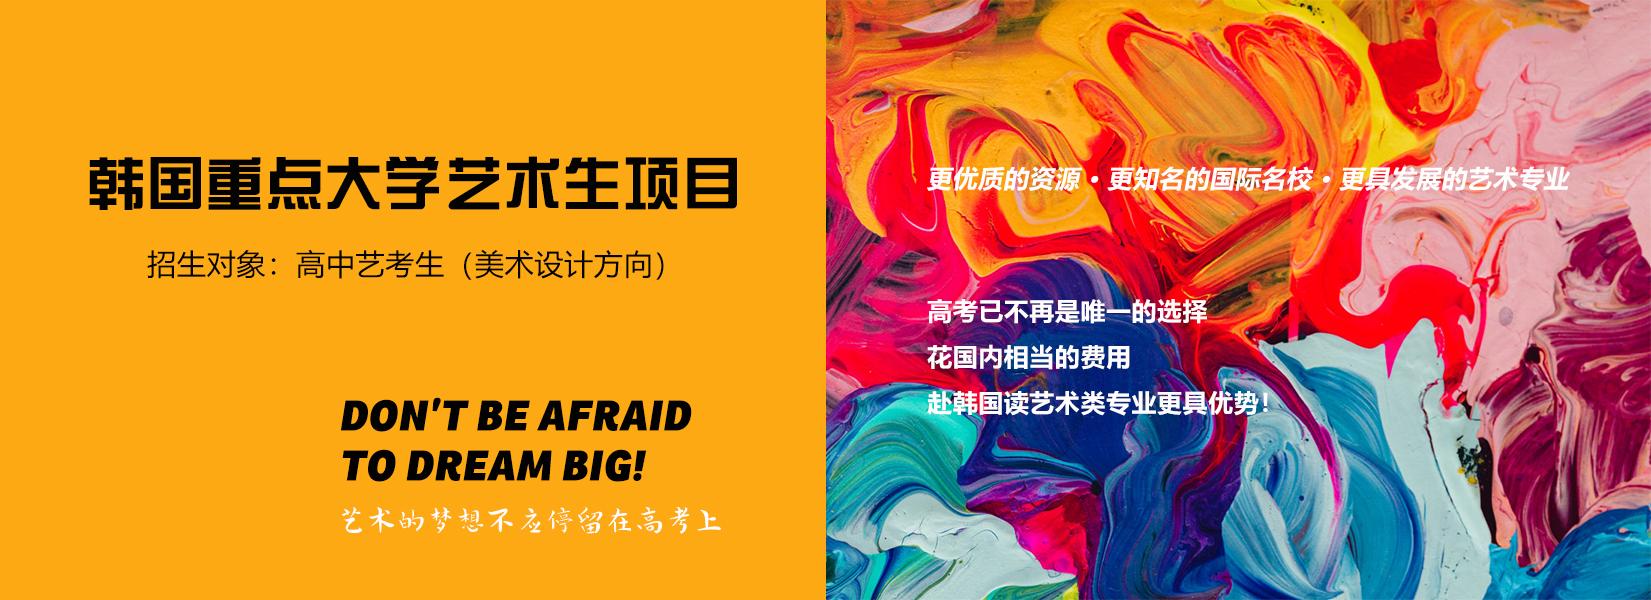 韩国重点大学艺术生项目